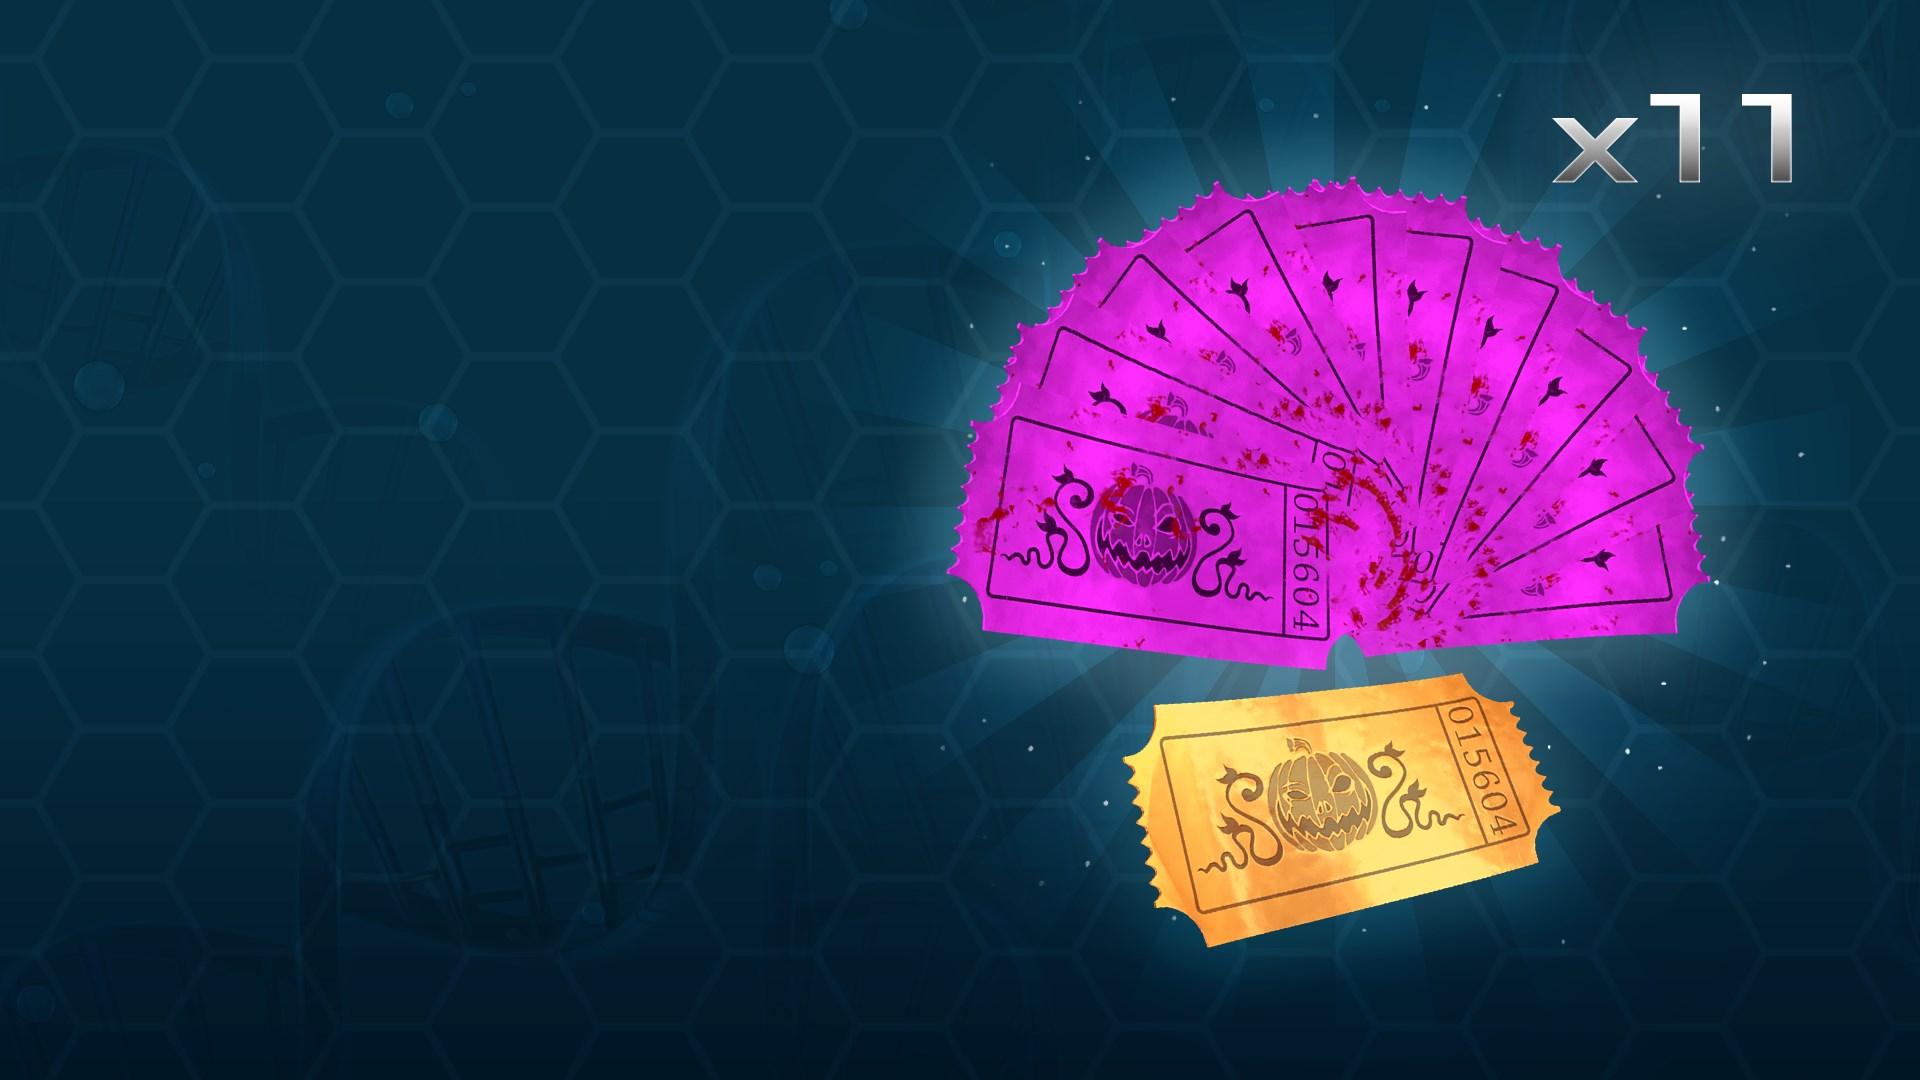 Серебряный набор премиум-билетов на Хеллоуин